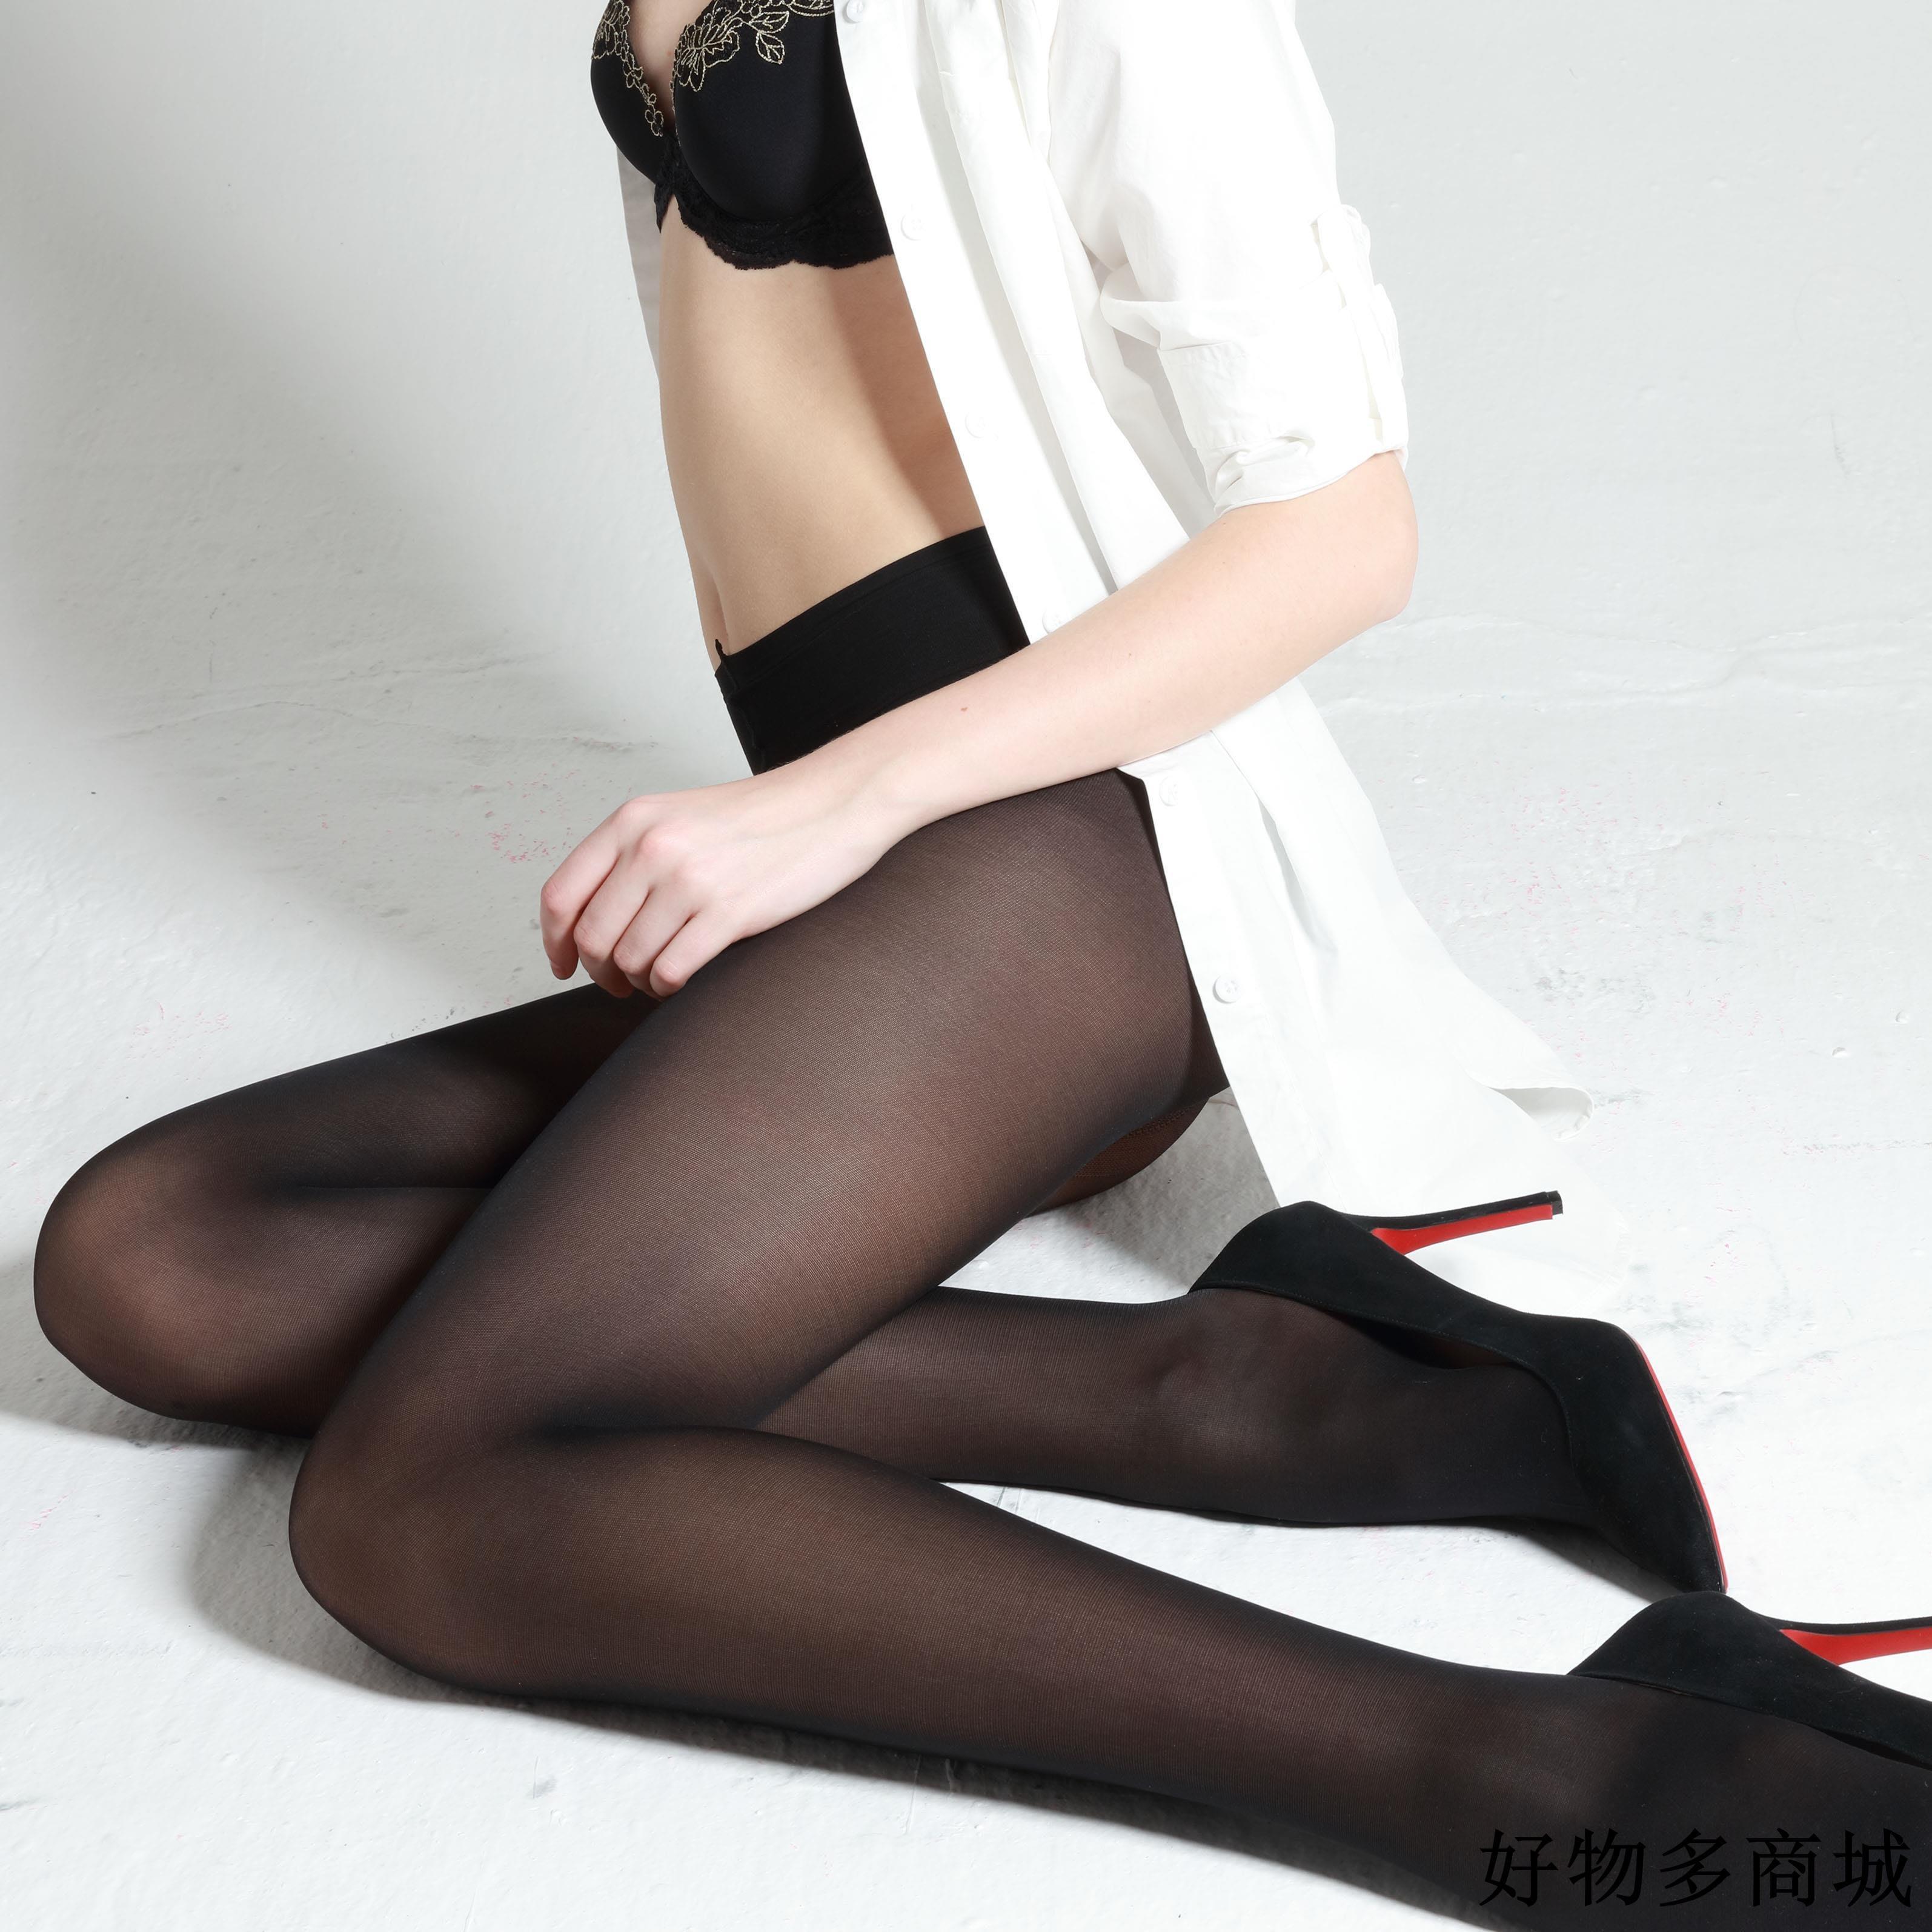 流行中筒襪 舒適服貼 T型褲襪 防勾絲襪40D低腰寬腰帶黑色天鵝絨連褲襪打底襪新品免運